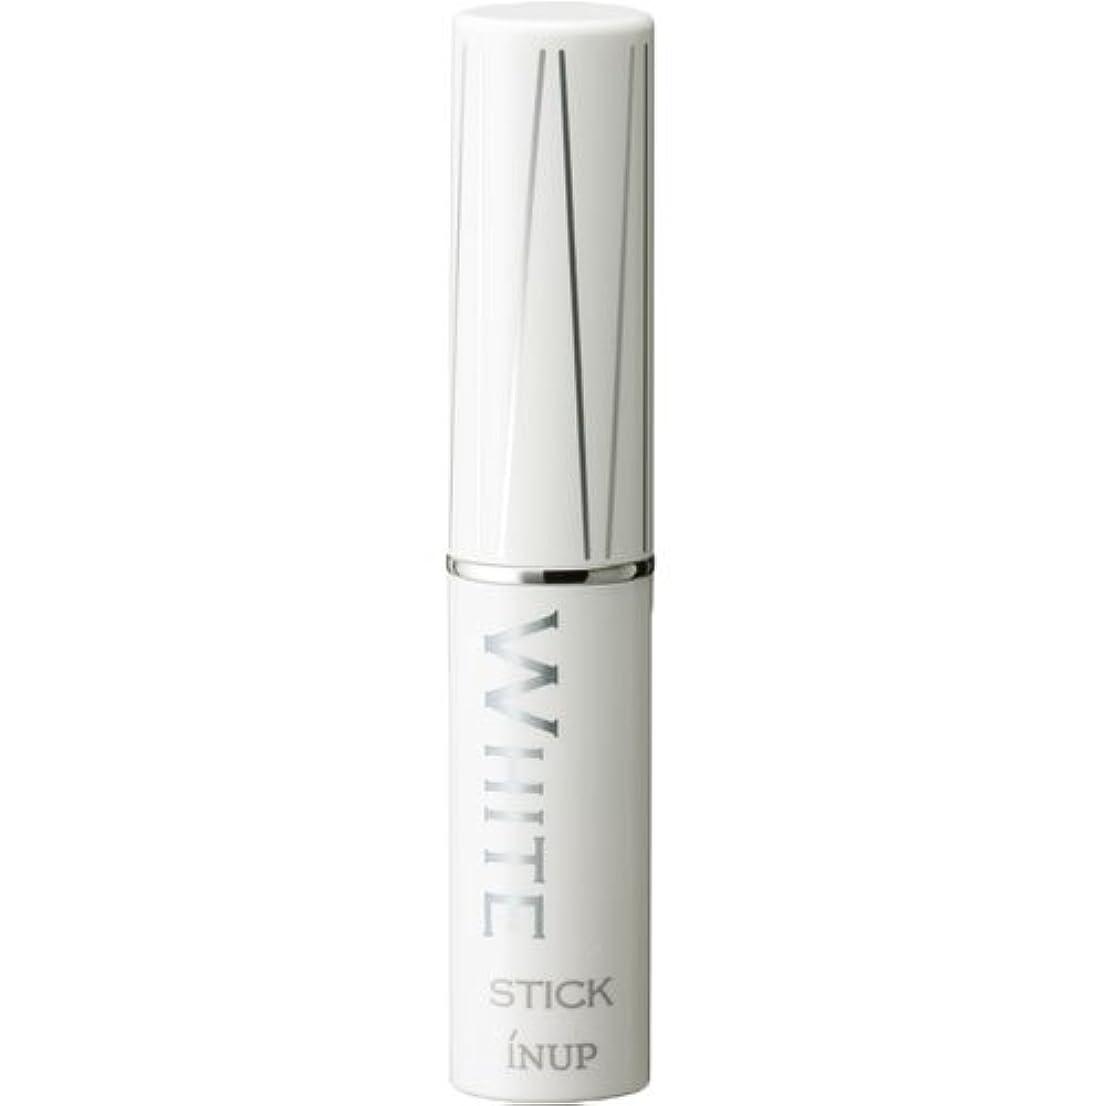 指紋男らしいレビューインナップ 美容スティック ビタミンC誘導体85% 配合 ホワイトスティック